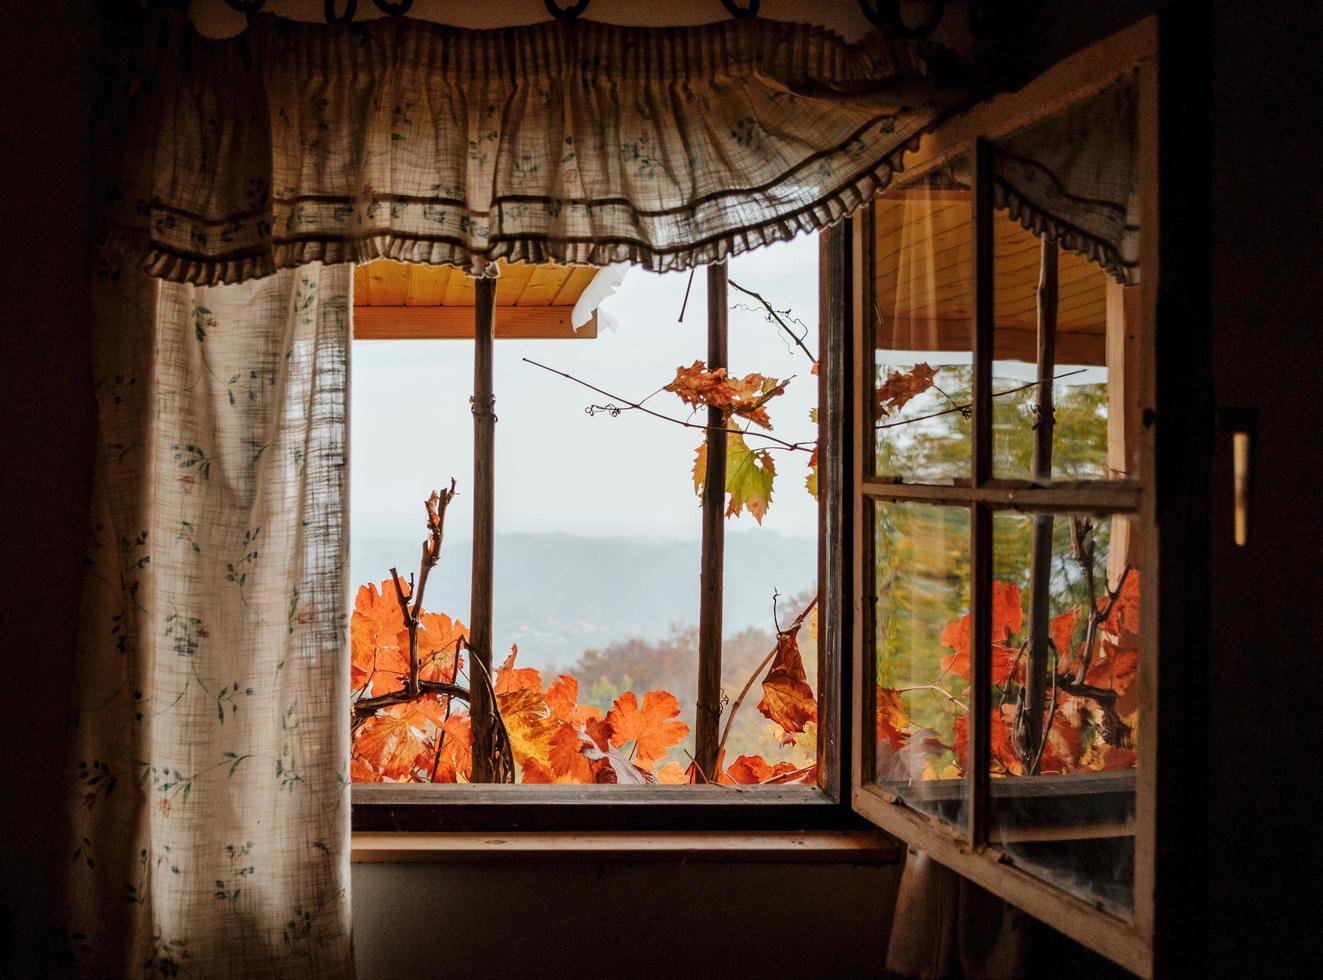 vue idyllique à travers une fenêtre d'une cabine en automne photo